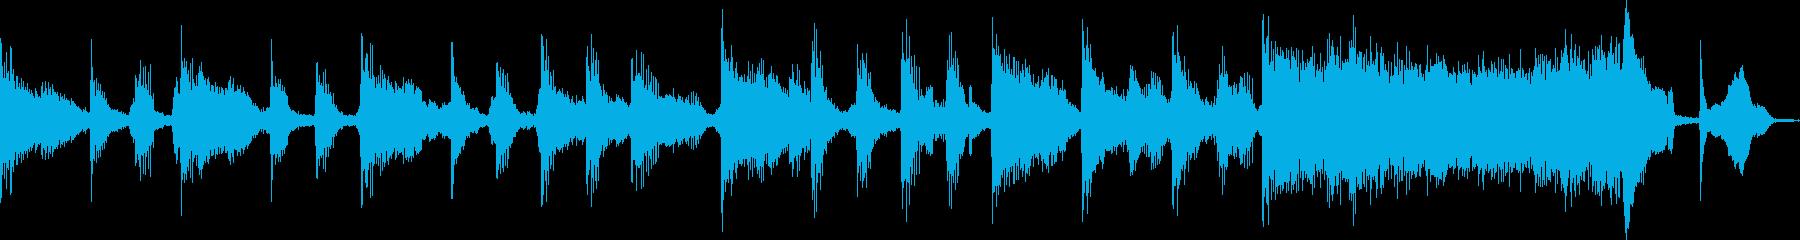 面白い、気まぐれなマーチングバンド...の再生済みの波形